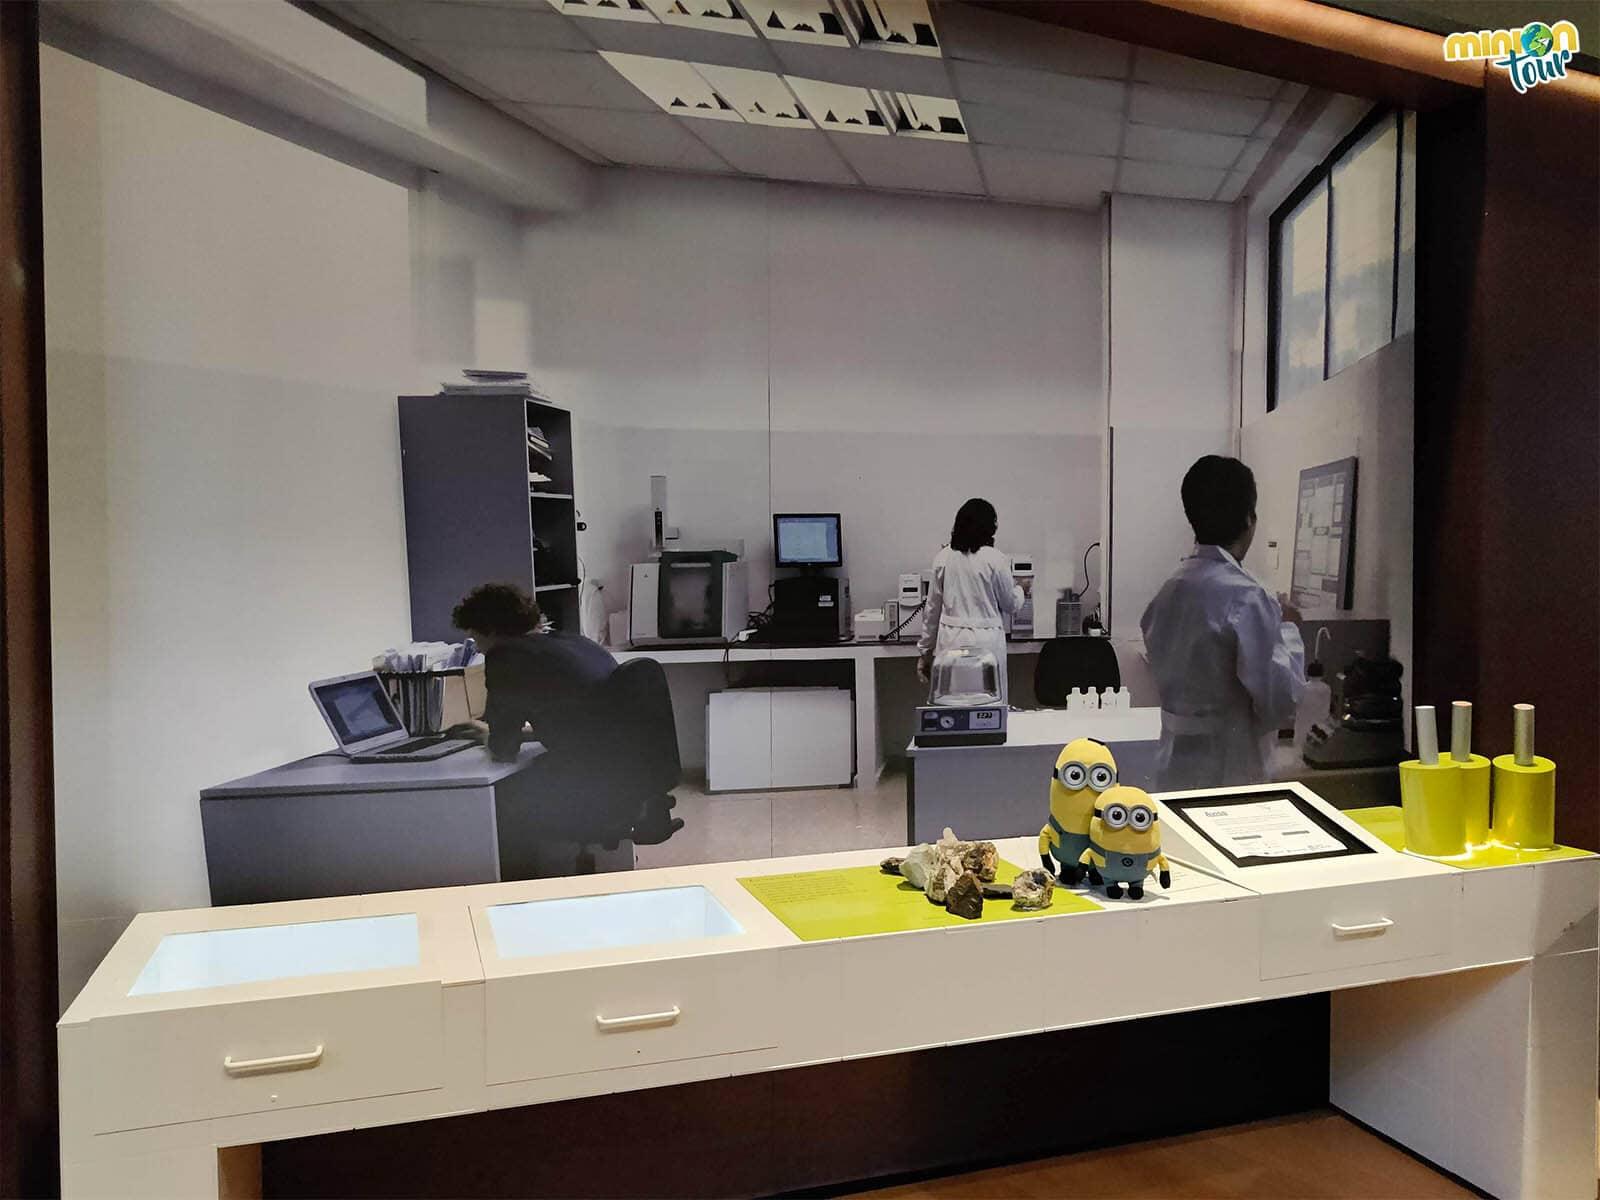 Nos hemos colado en el laboratorio para seguir investigando